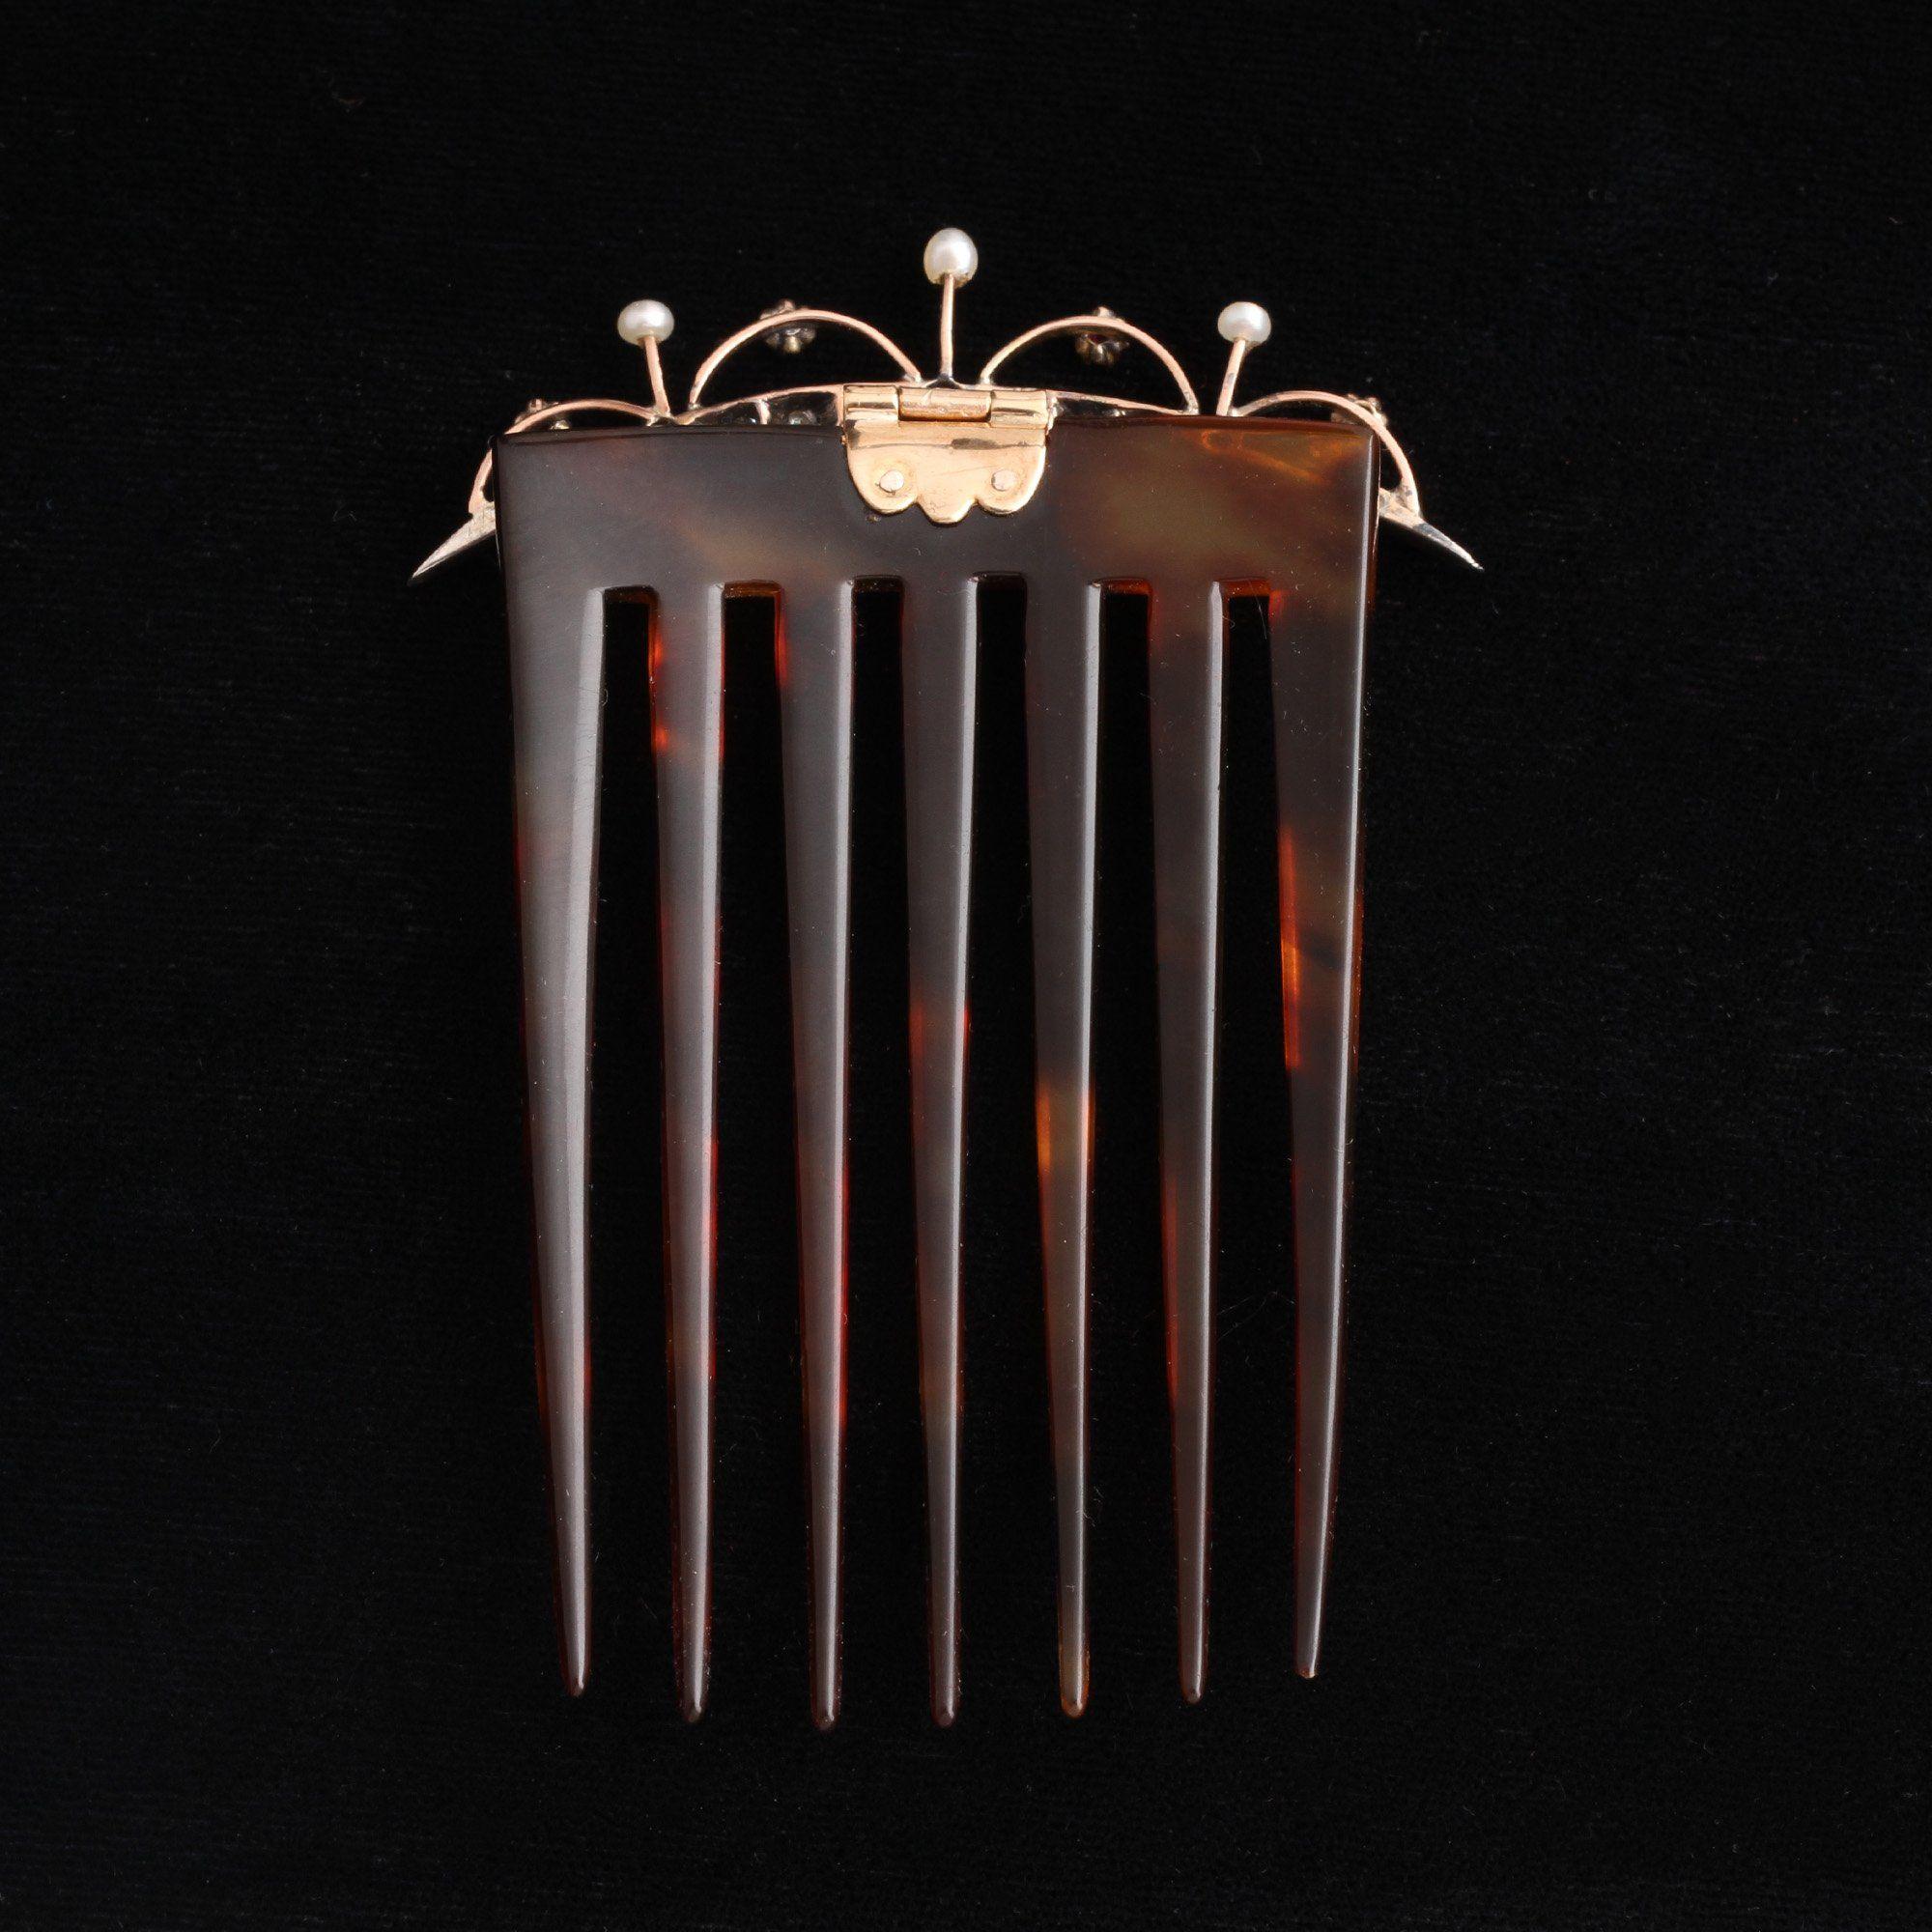 Victorian Ruby, Diamond & Pearl Comb in Original Box